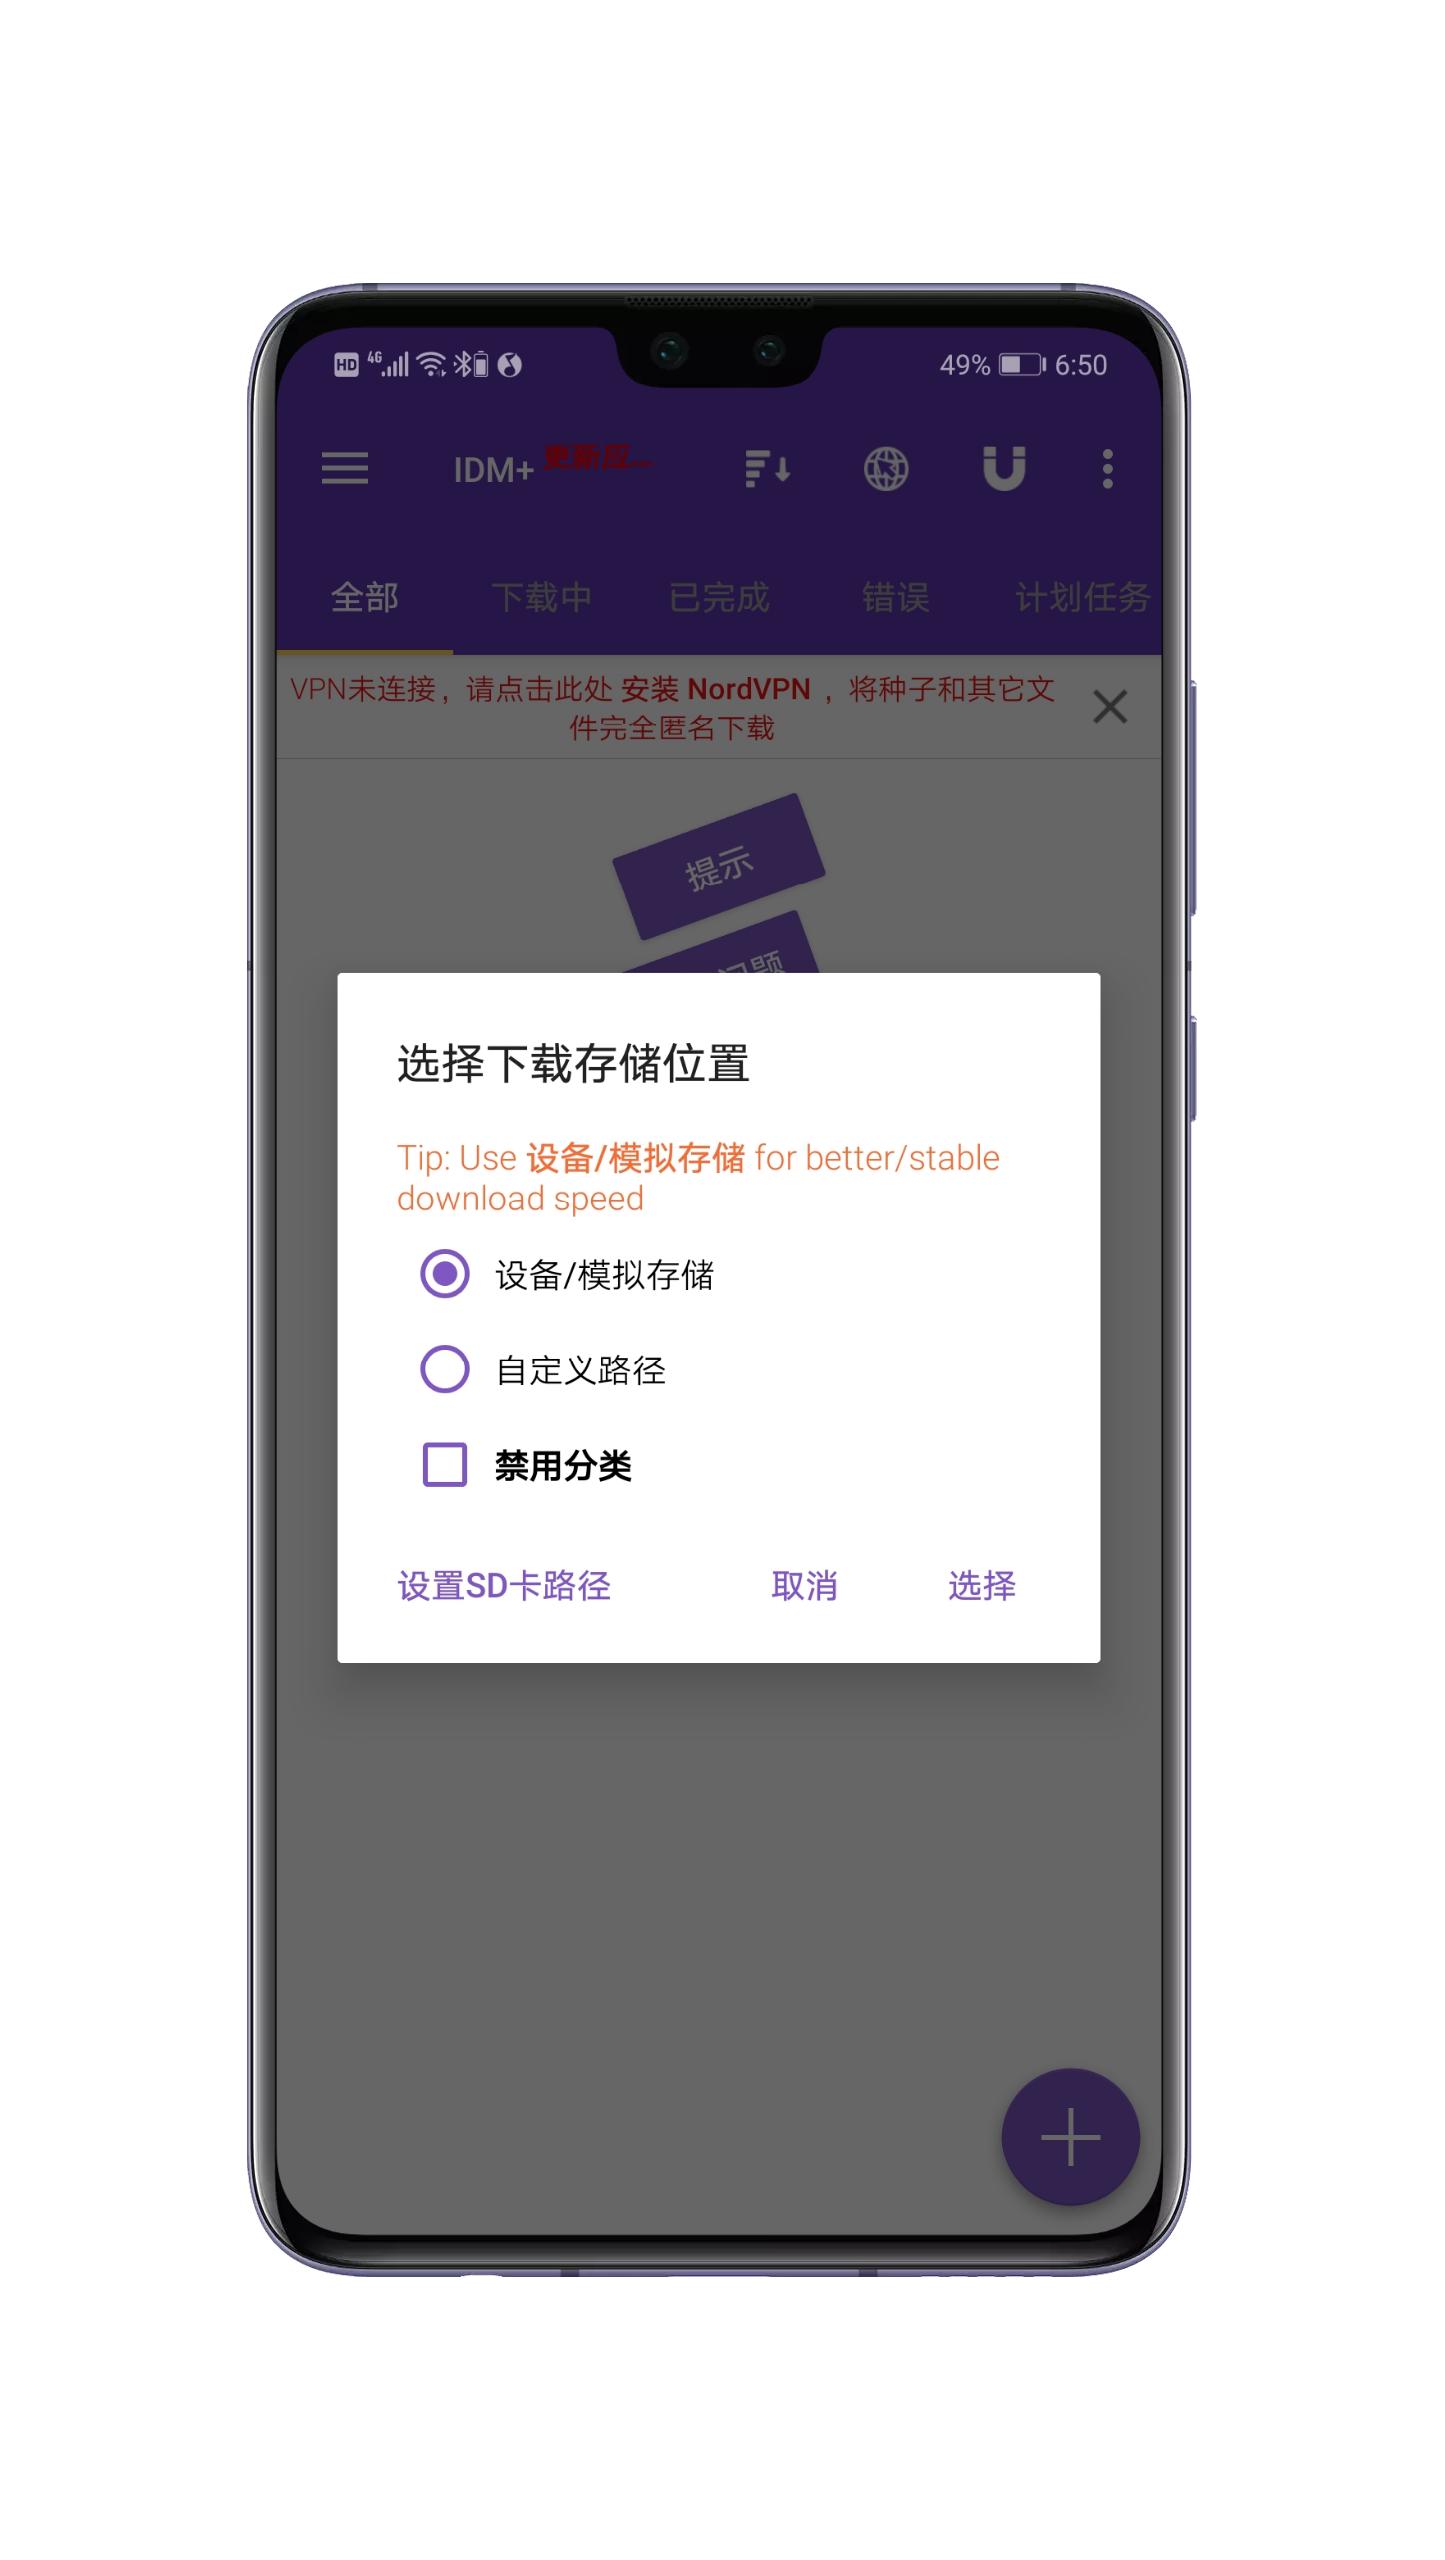 【分享】IDM+下载神器10.0.1/媲美ADM/完整中文翻译版